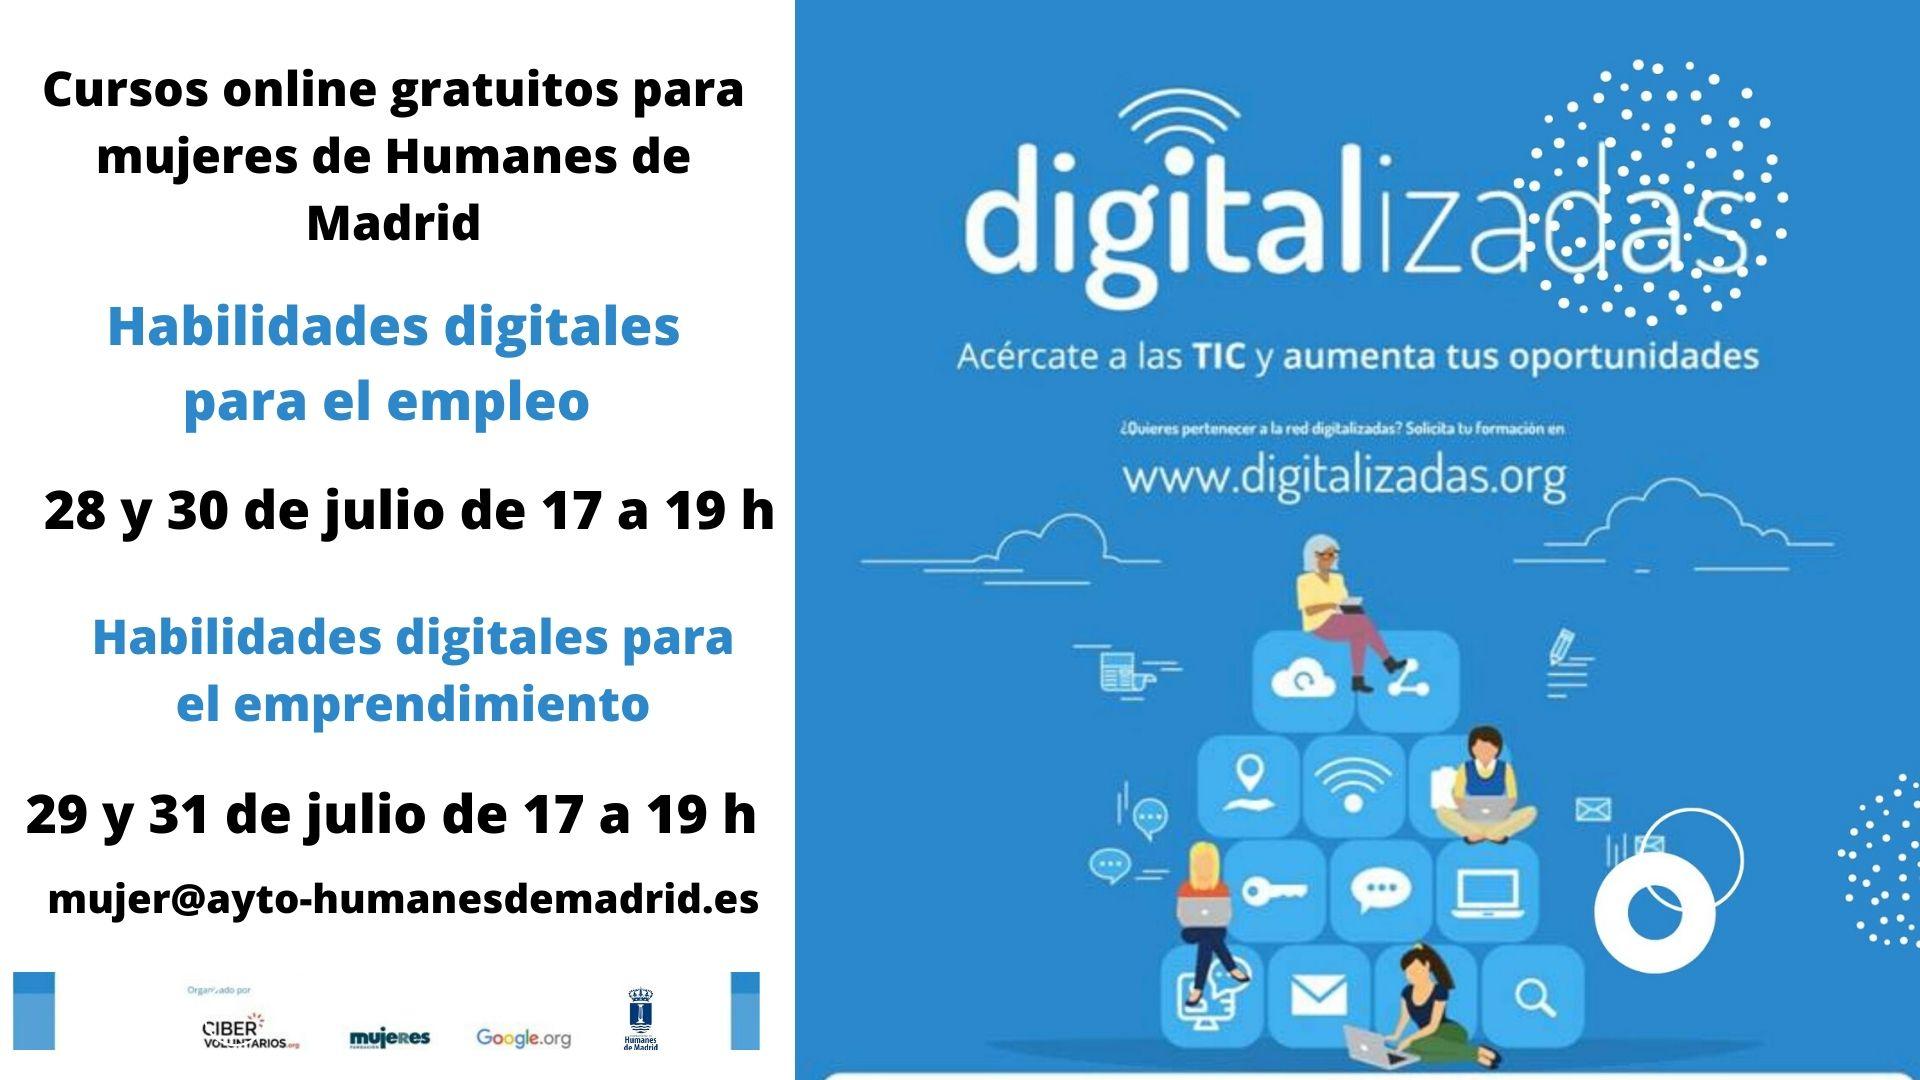 La Concejalía de Mujer e Igualdad ofrece cursos online gratuitos sobre Ciberformación Digitalizadas para el empleo y el emprendimiento.